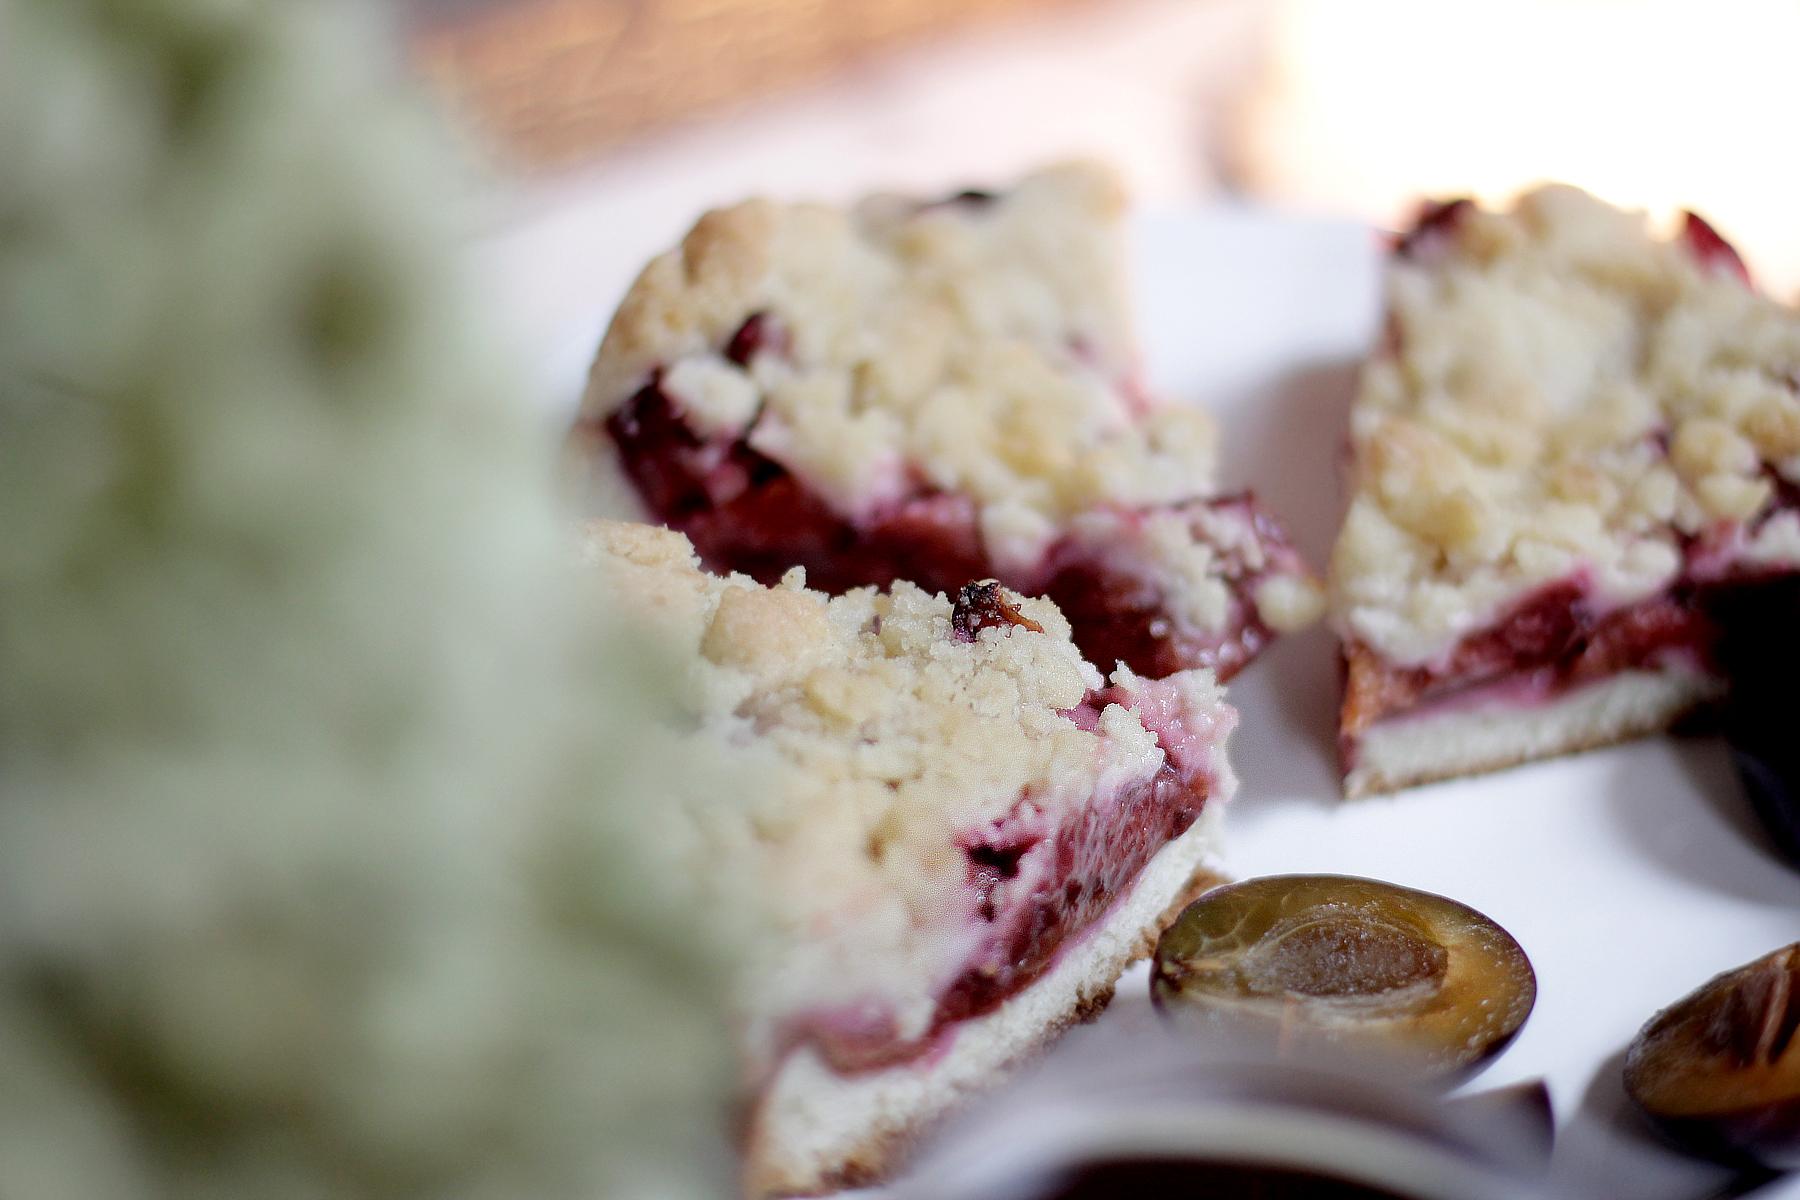 plum cake recipe vegan zwetschgen rezept herbst obst essen kochen selbstgemacht gesund cats & dogs wie hund und katze ricarda schernus 3